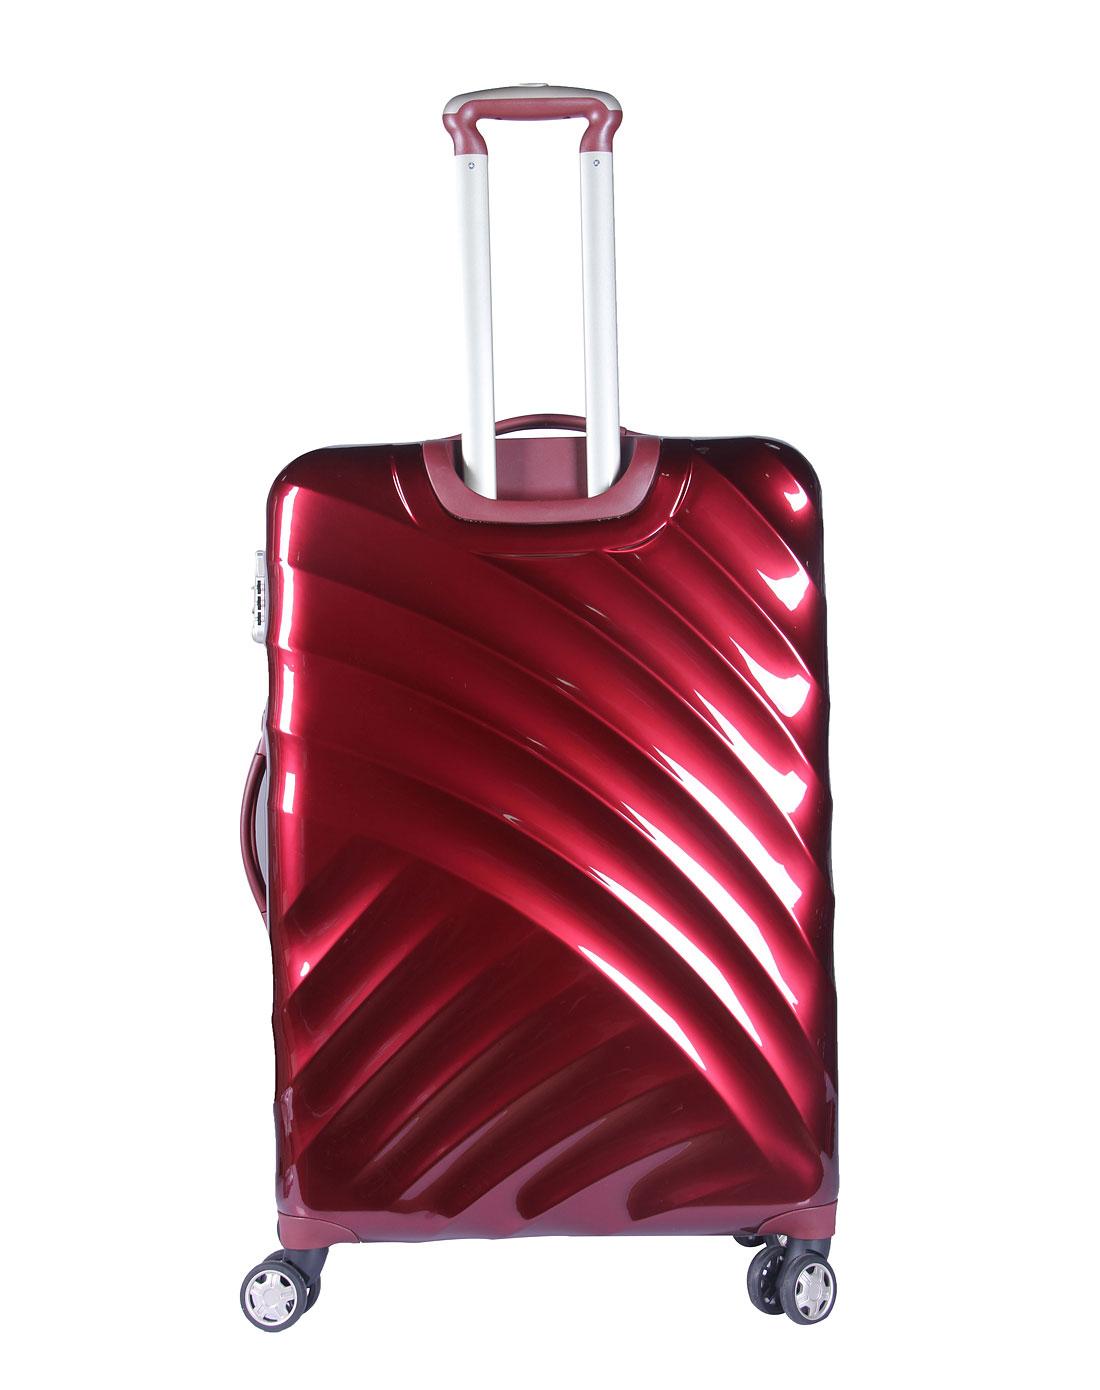 中性酒红28寸拉杆箱